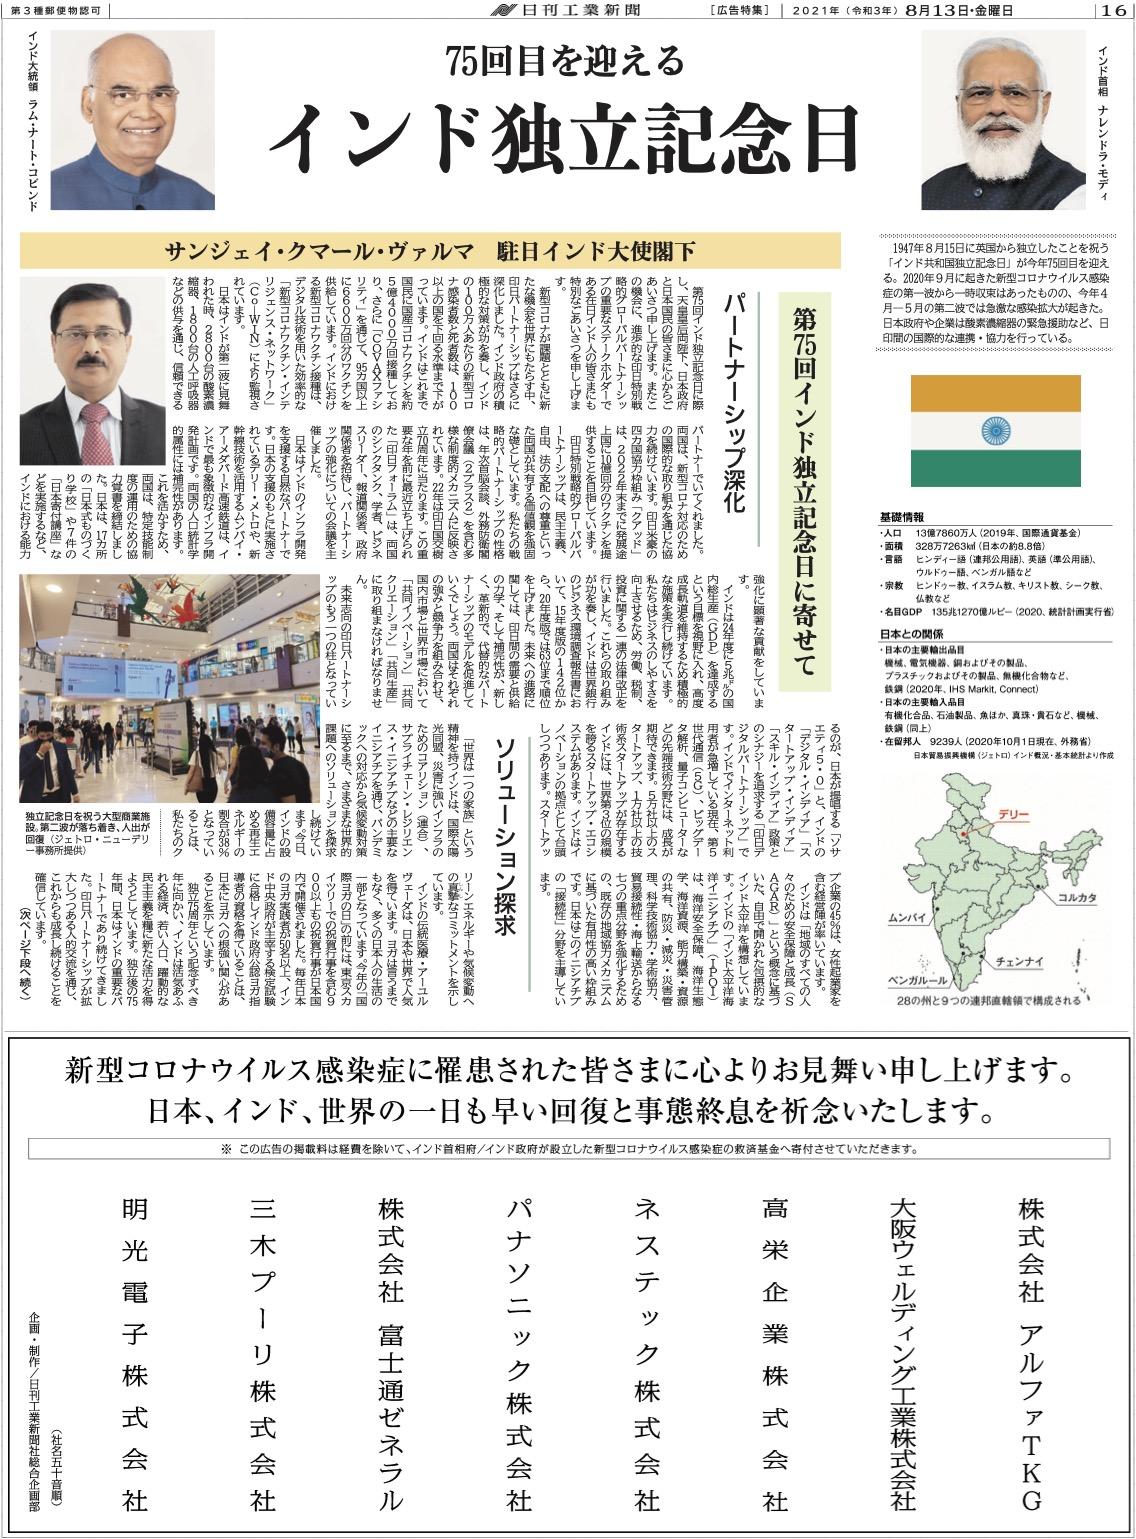 日刊工業新聞掲載記事0813